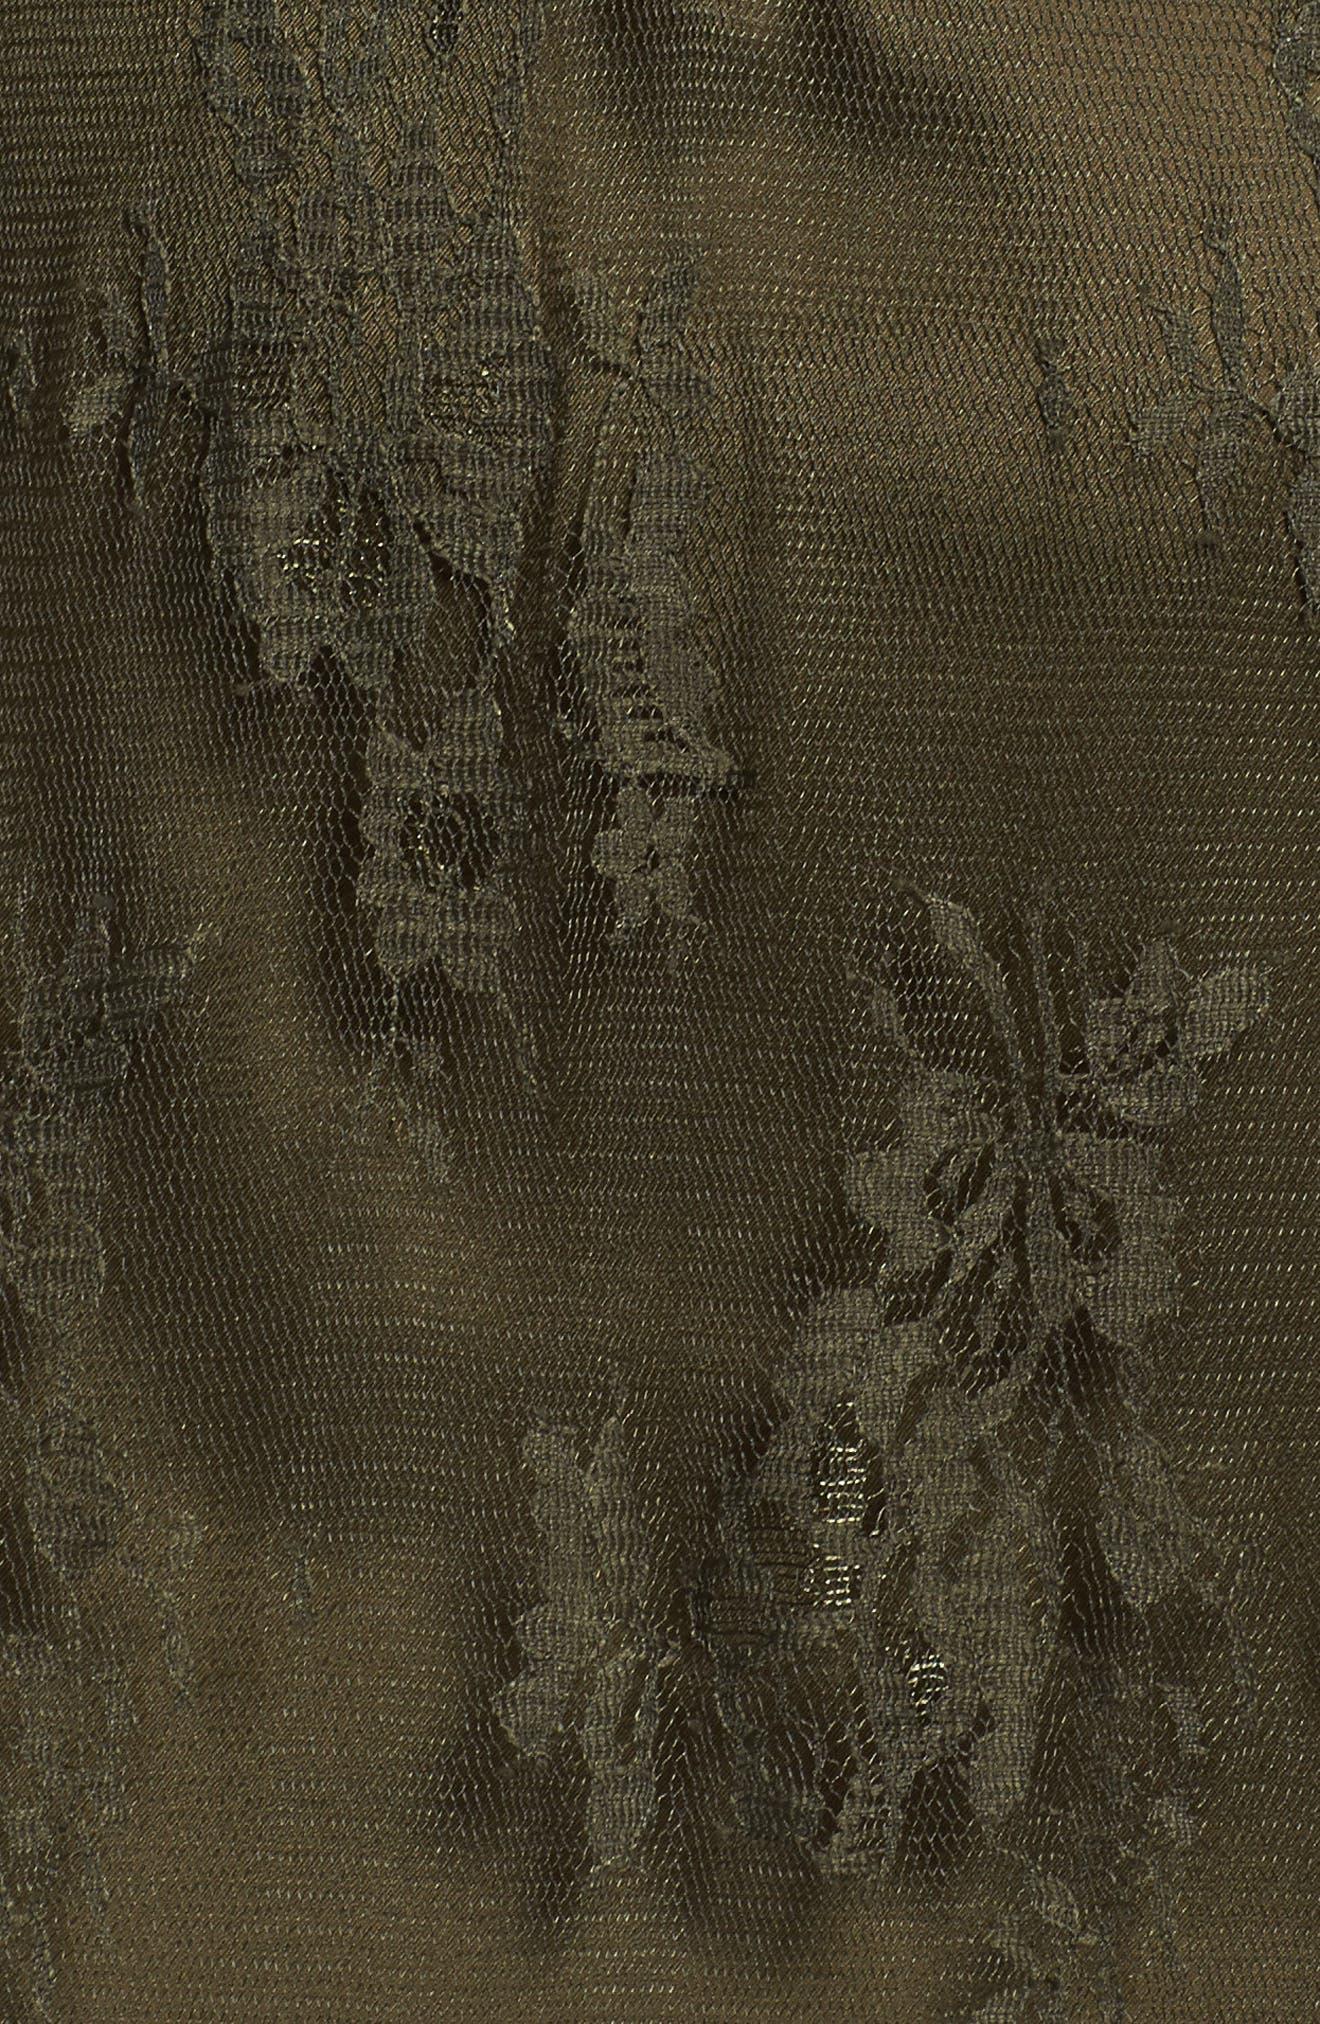 Lace Boho Maxi Dress,                             Alternate thumbnail 5, color,